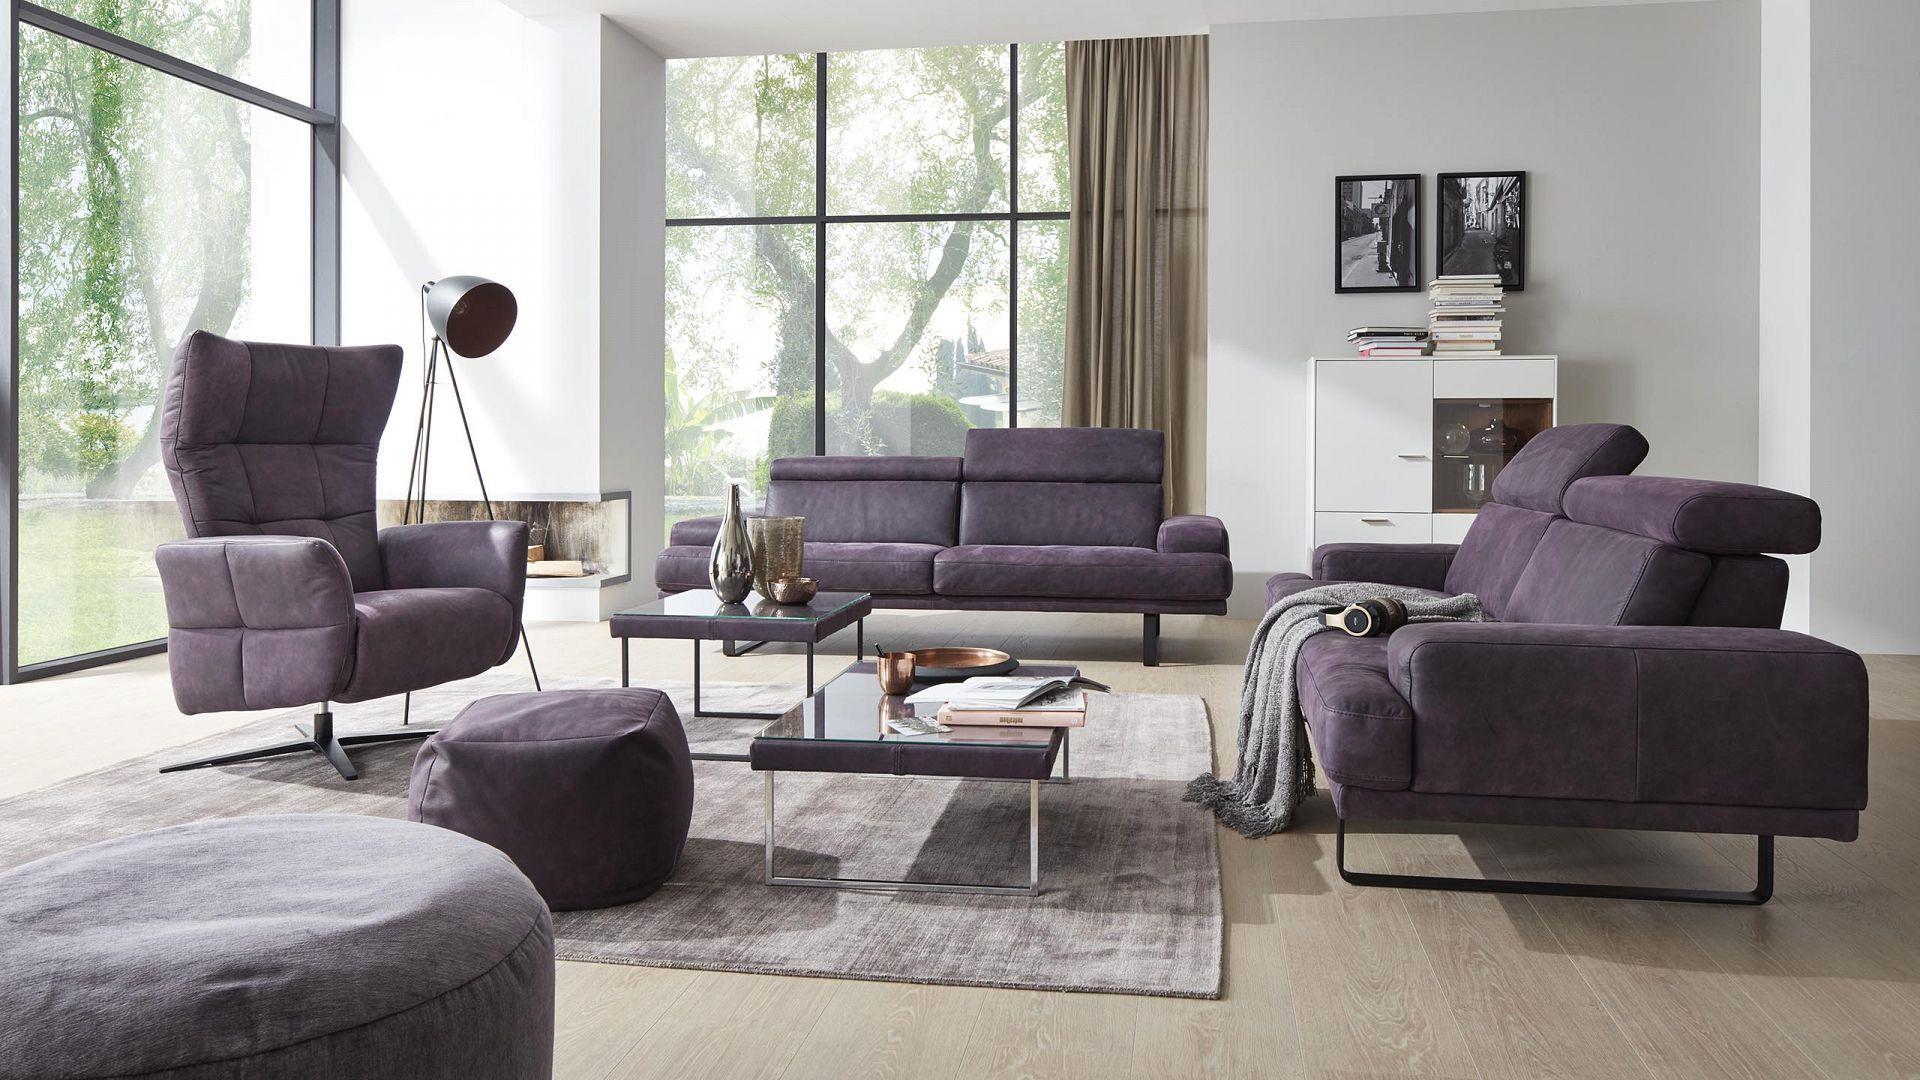 Kombiniere Individuelle Funktionen Mit Modernen Formen So Wie Bei Der Interliving Sofa Serie 4152 Wohnen Sofa Sessel Zuhause